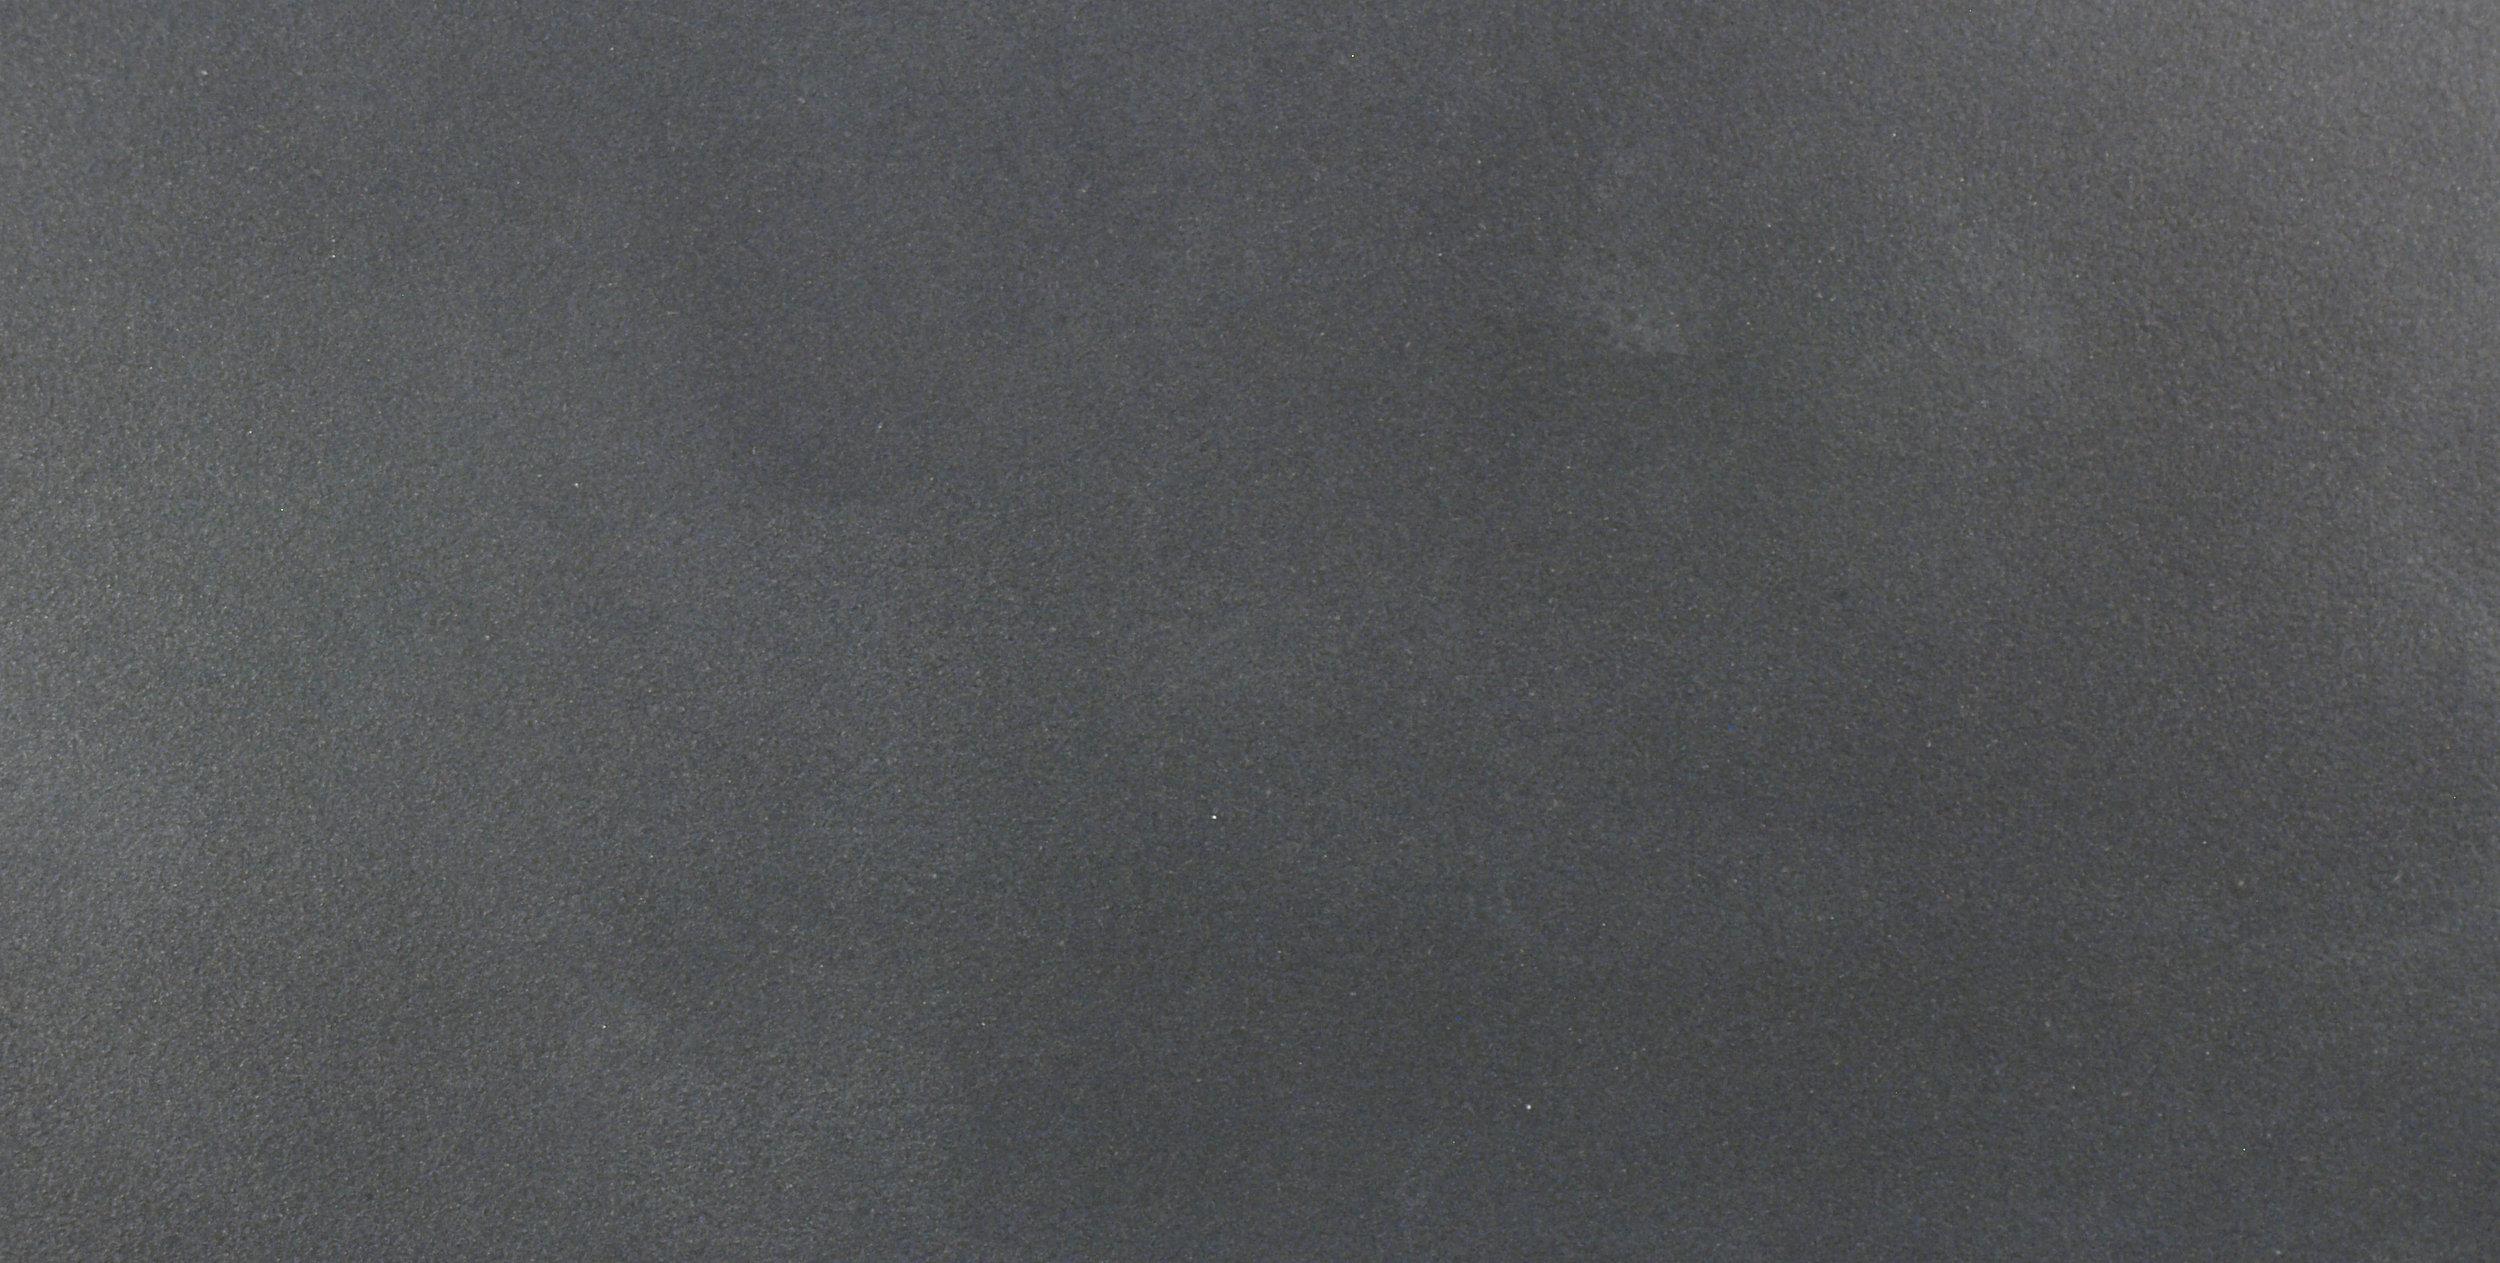 Black Iron Effect Metal